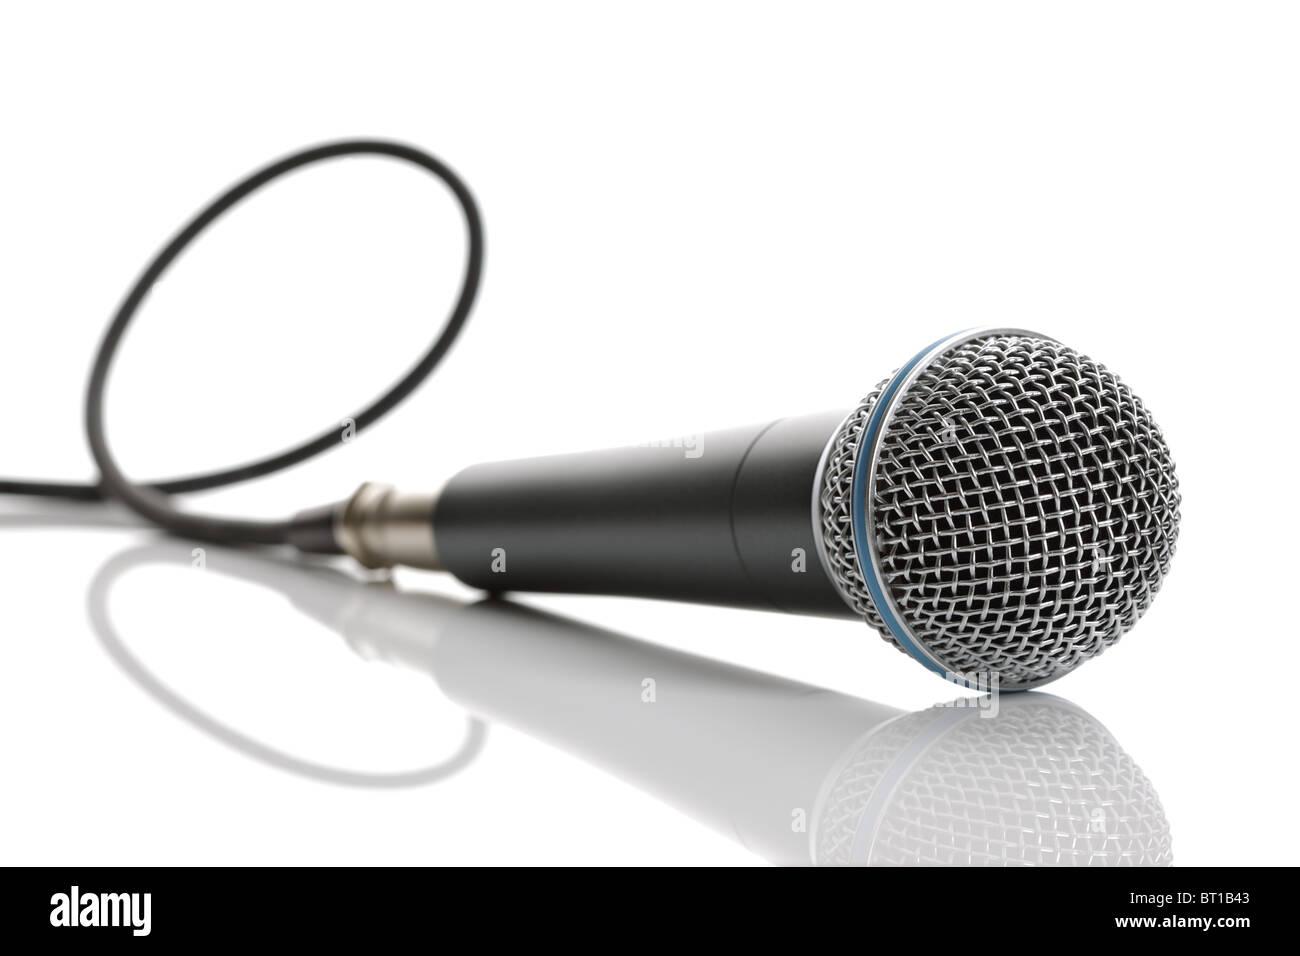 Microfono con cavo isolato su sfondo bianco Immagini Stock